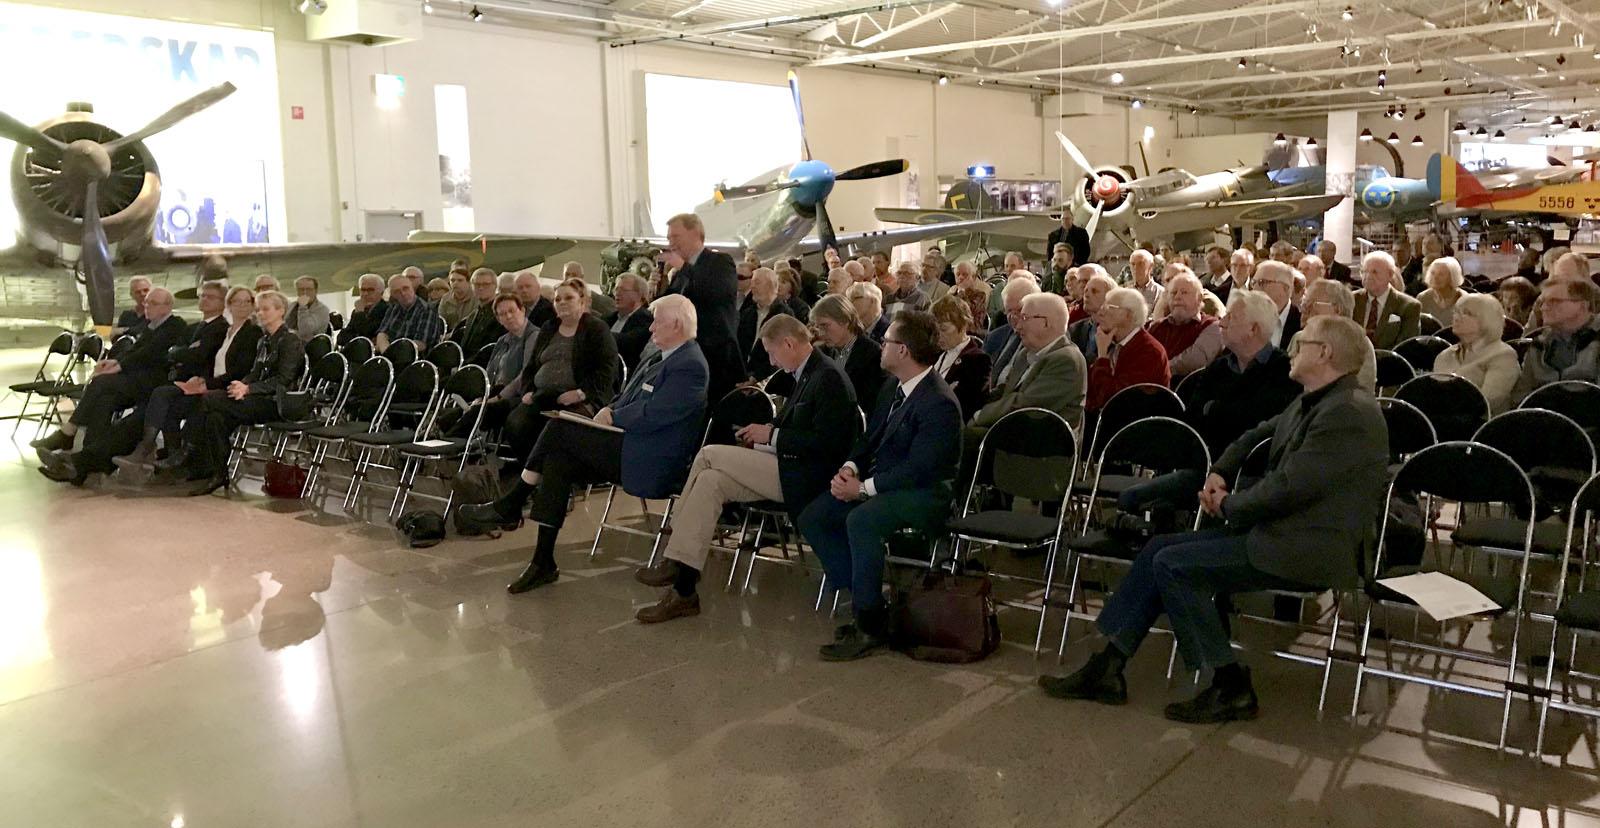 Intresserade åhörare vid Försvarspolitiskt samtal i Linköping den 16 april 2018